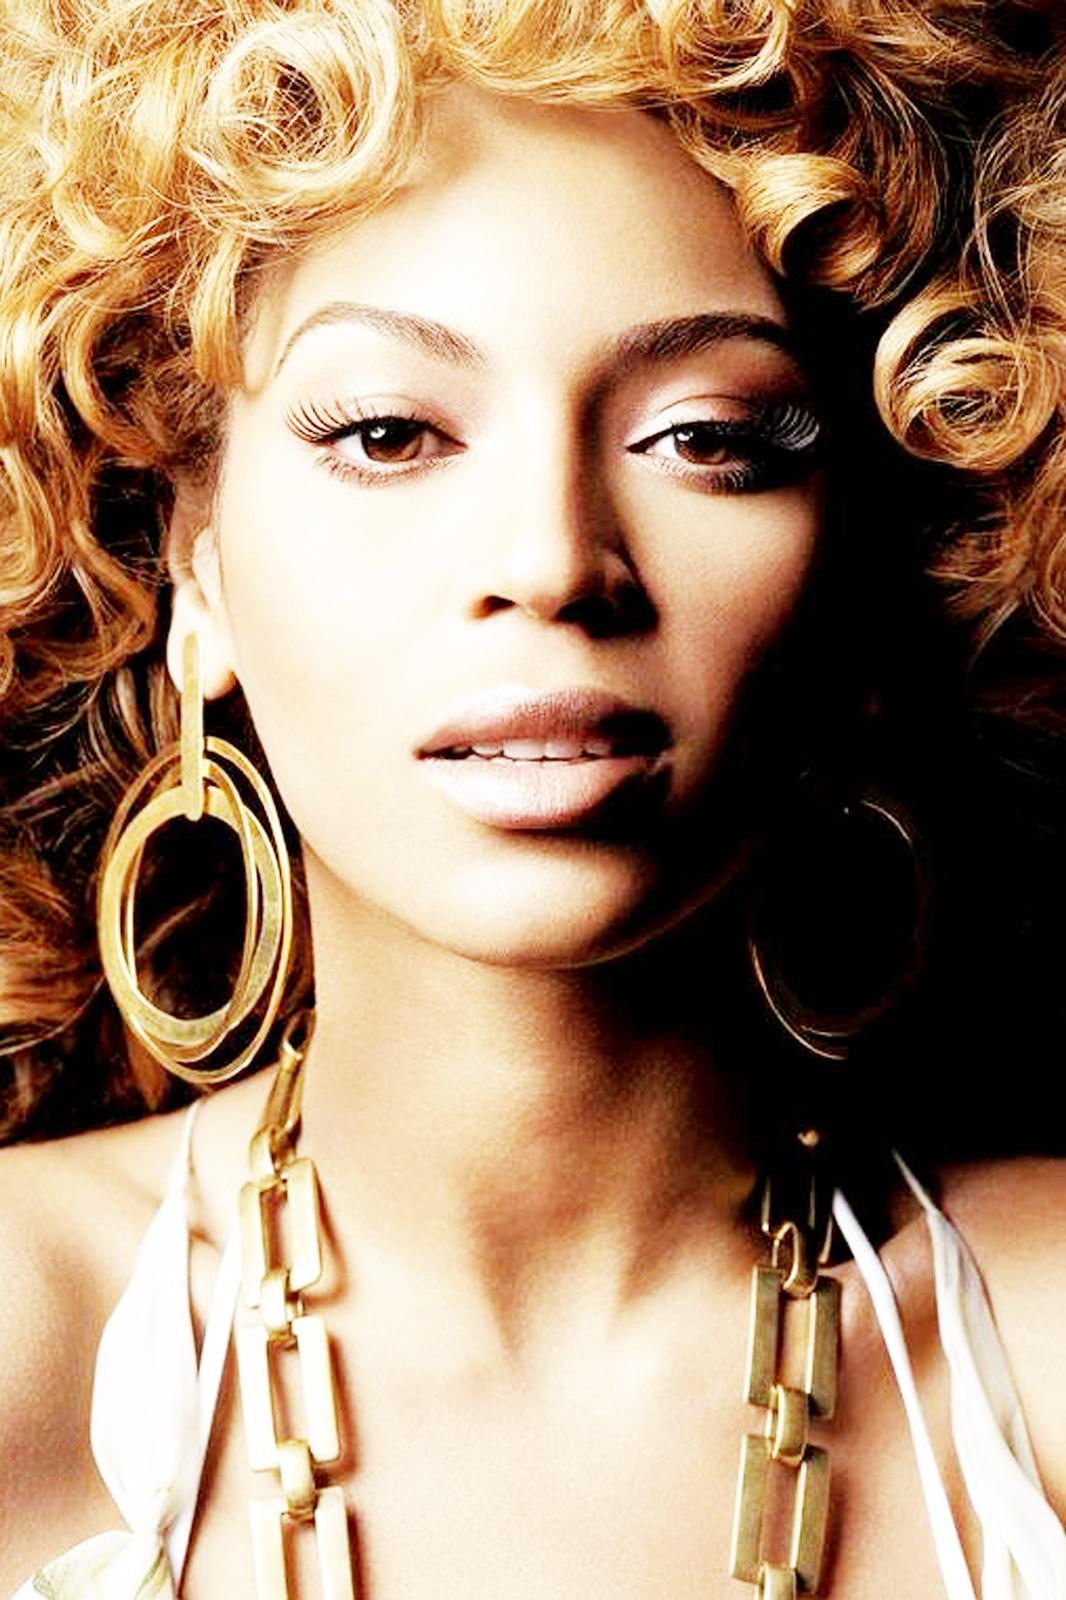 http://4.bp.blogspot.com/-klKbrAmyvRE/UAlBrF-Z5UI/AAAAAAAACYI/oehO-4MiQQw/s1600/Beyonce-Biography-1.jpg